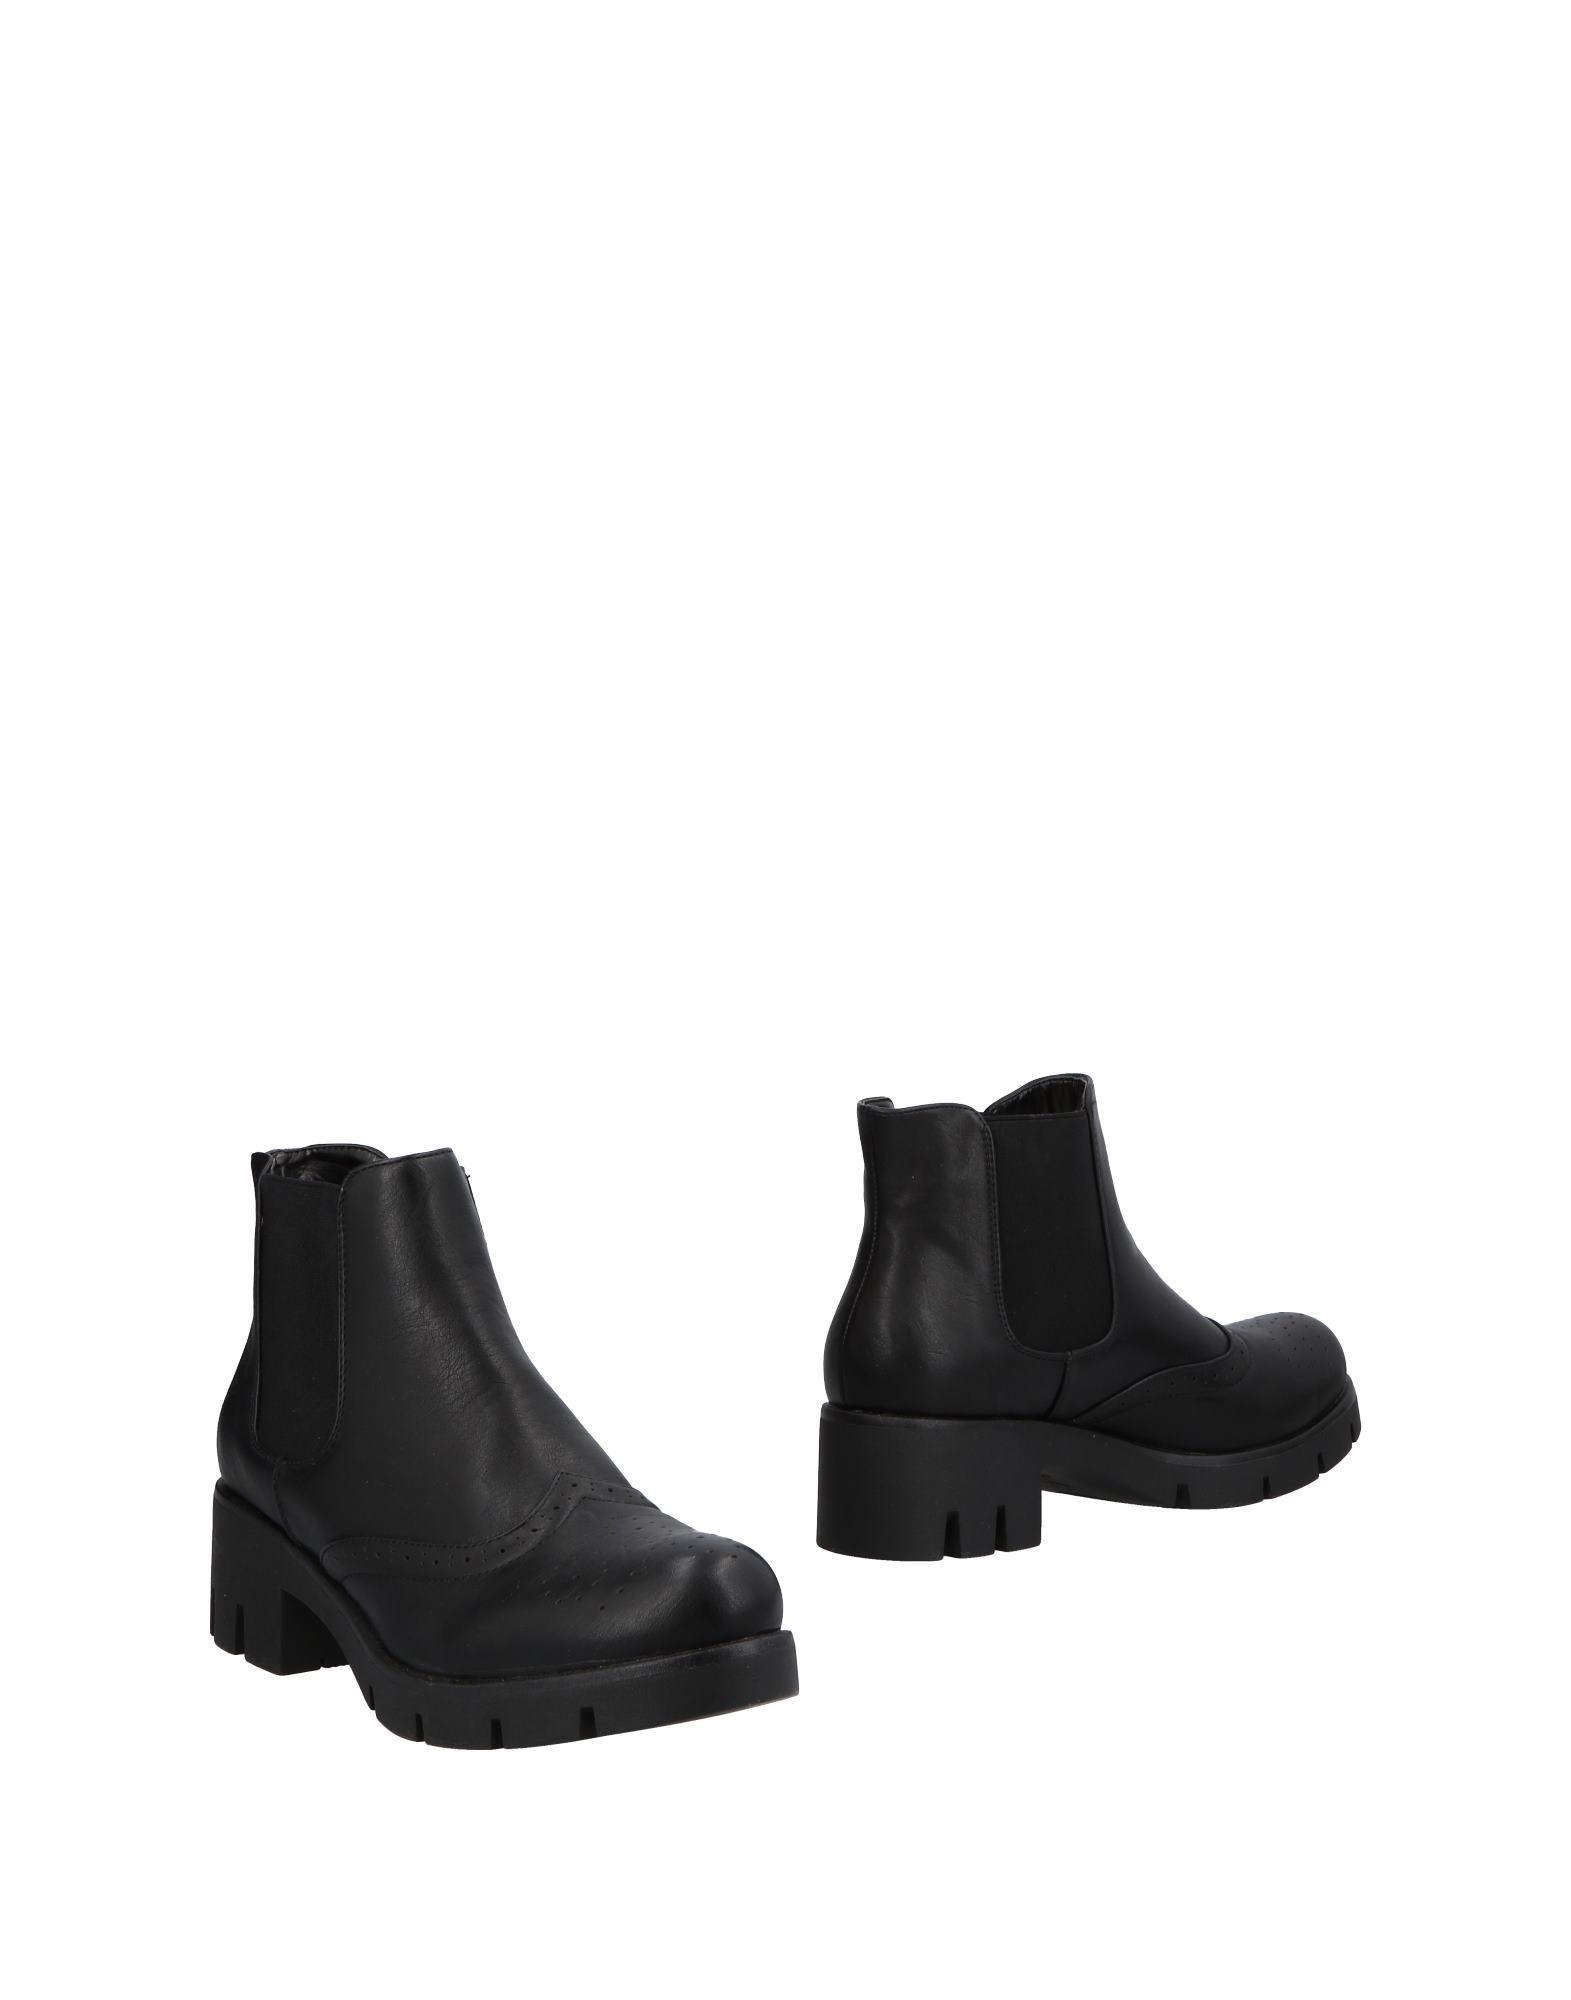 Chelsea Boots Primadonna Donna - 11495642XO 11495642XO - a57f8e